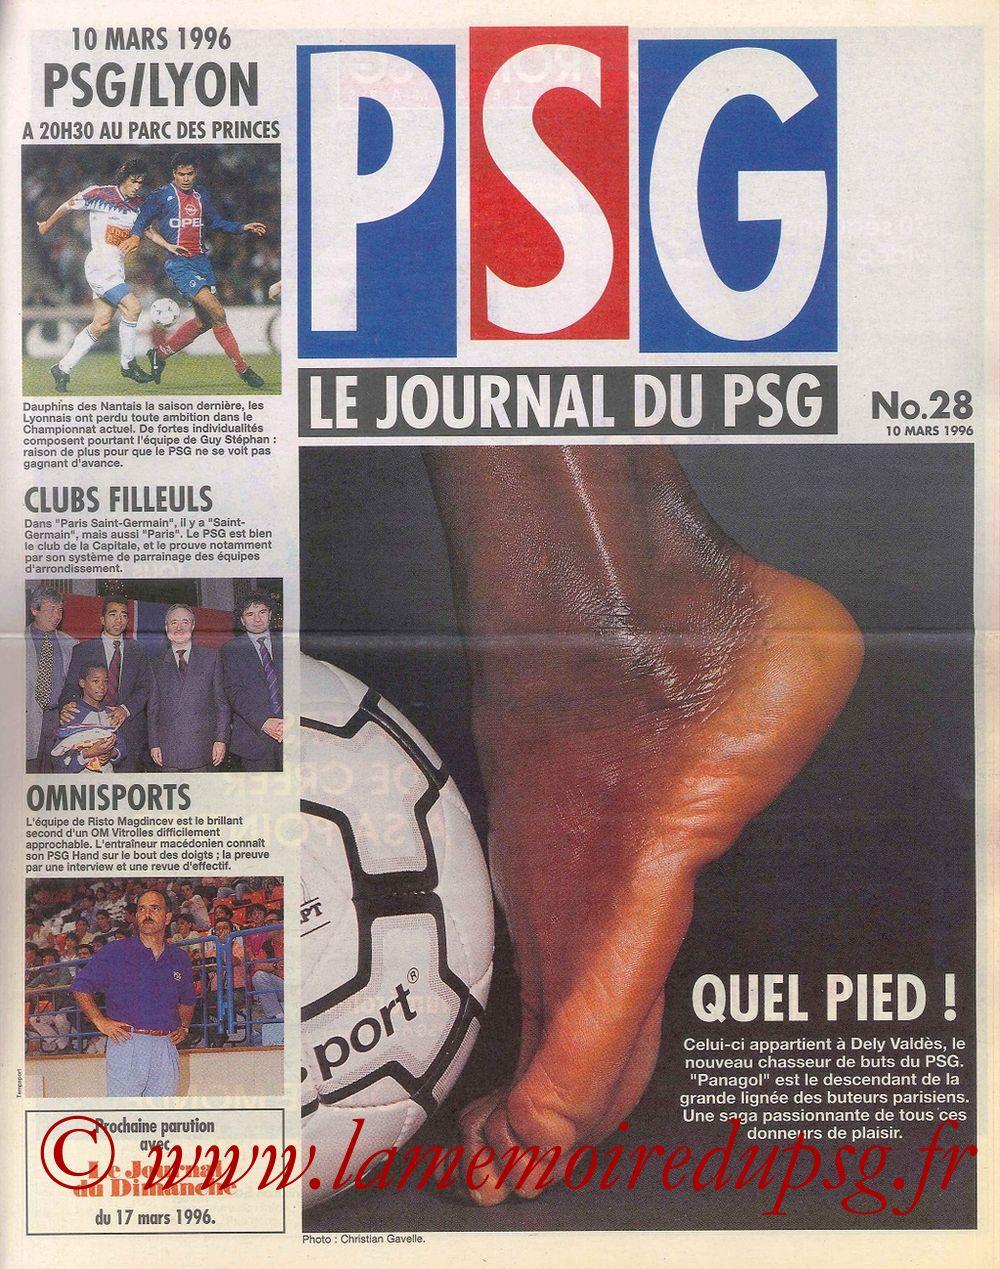 1996-03-10  PSG-Lyon (31ème D1, Le Journal du PSG N°28)